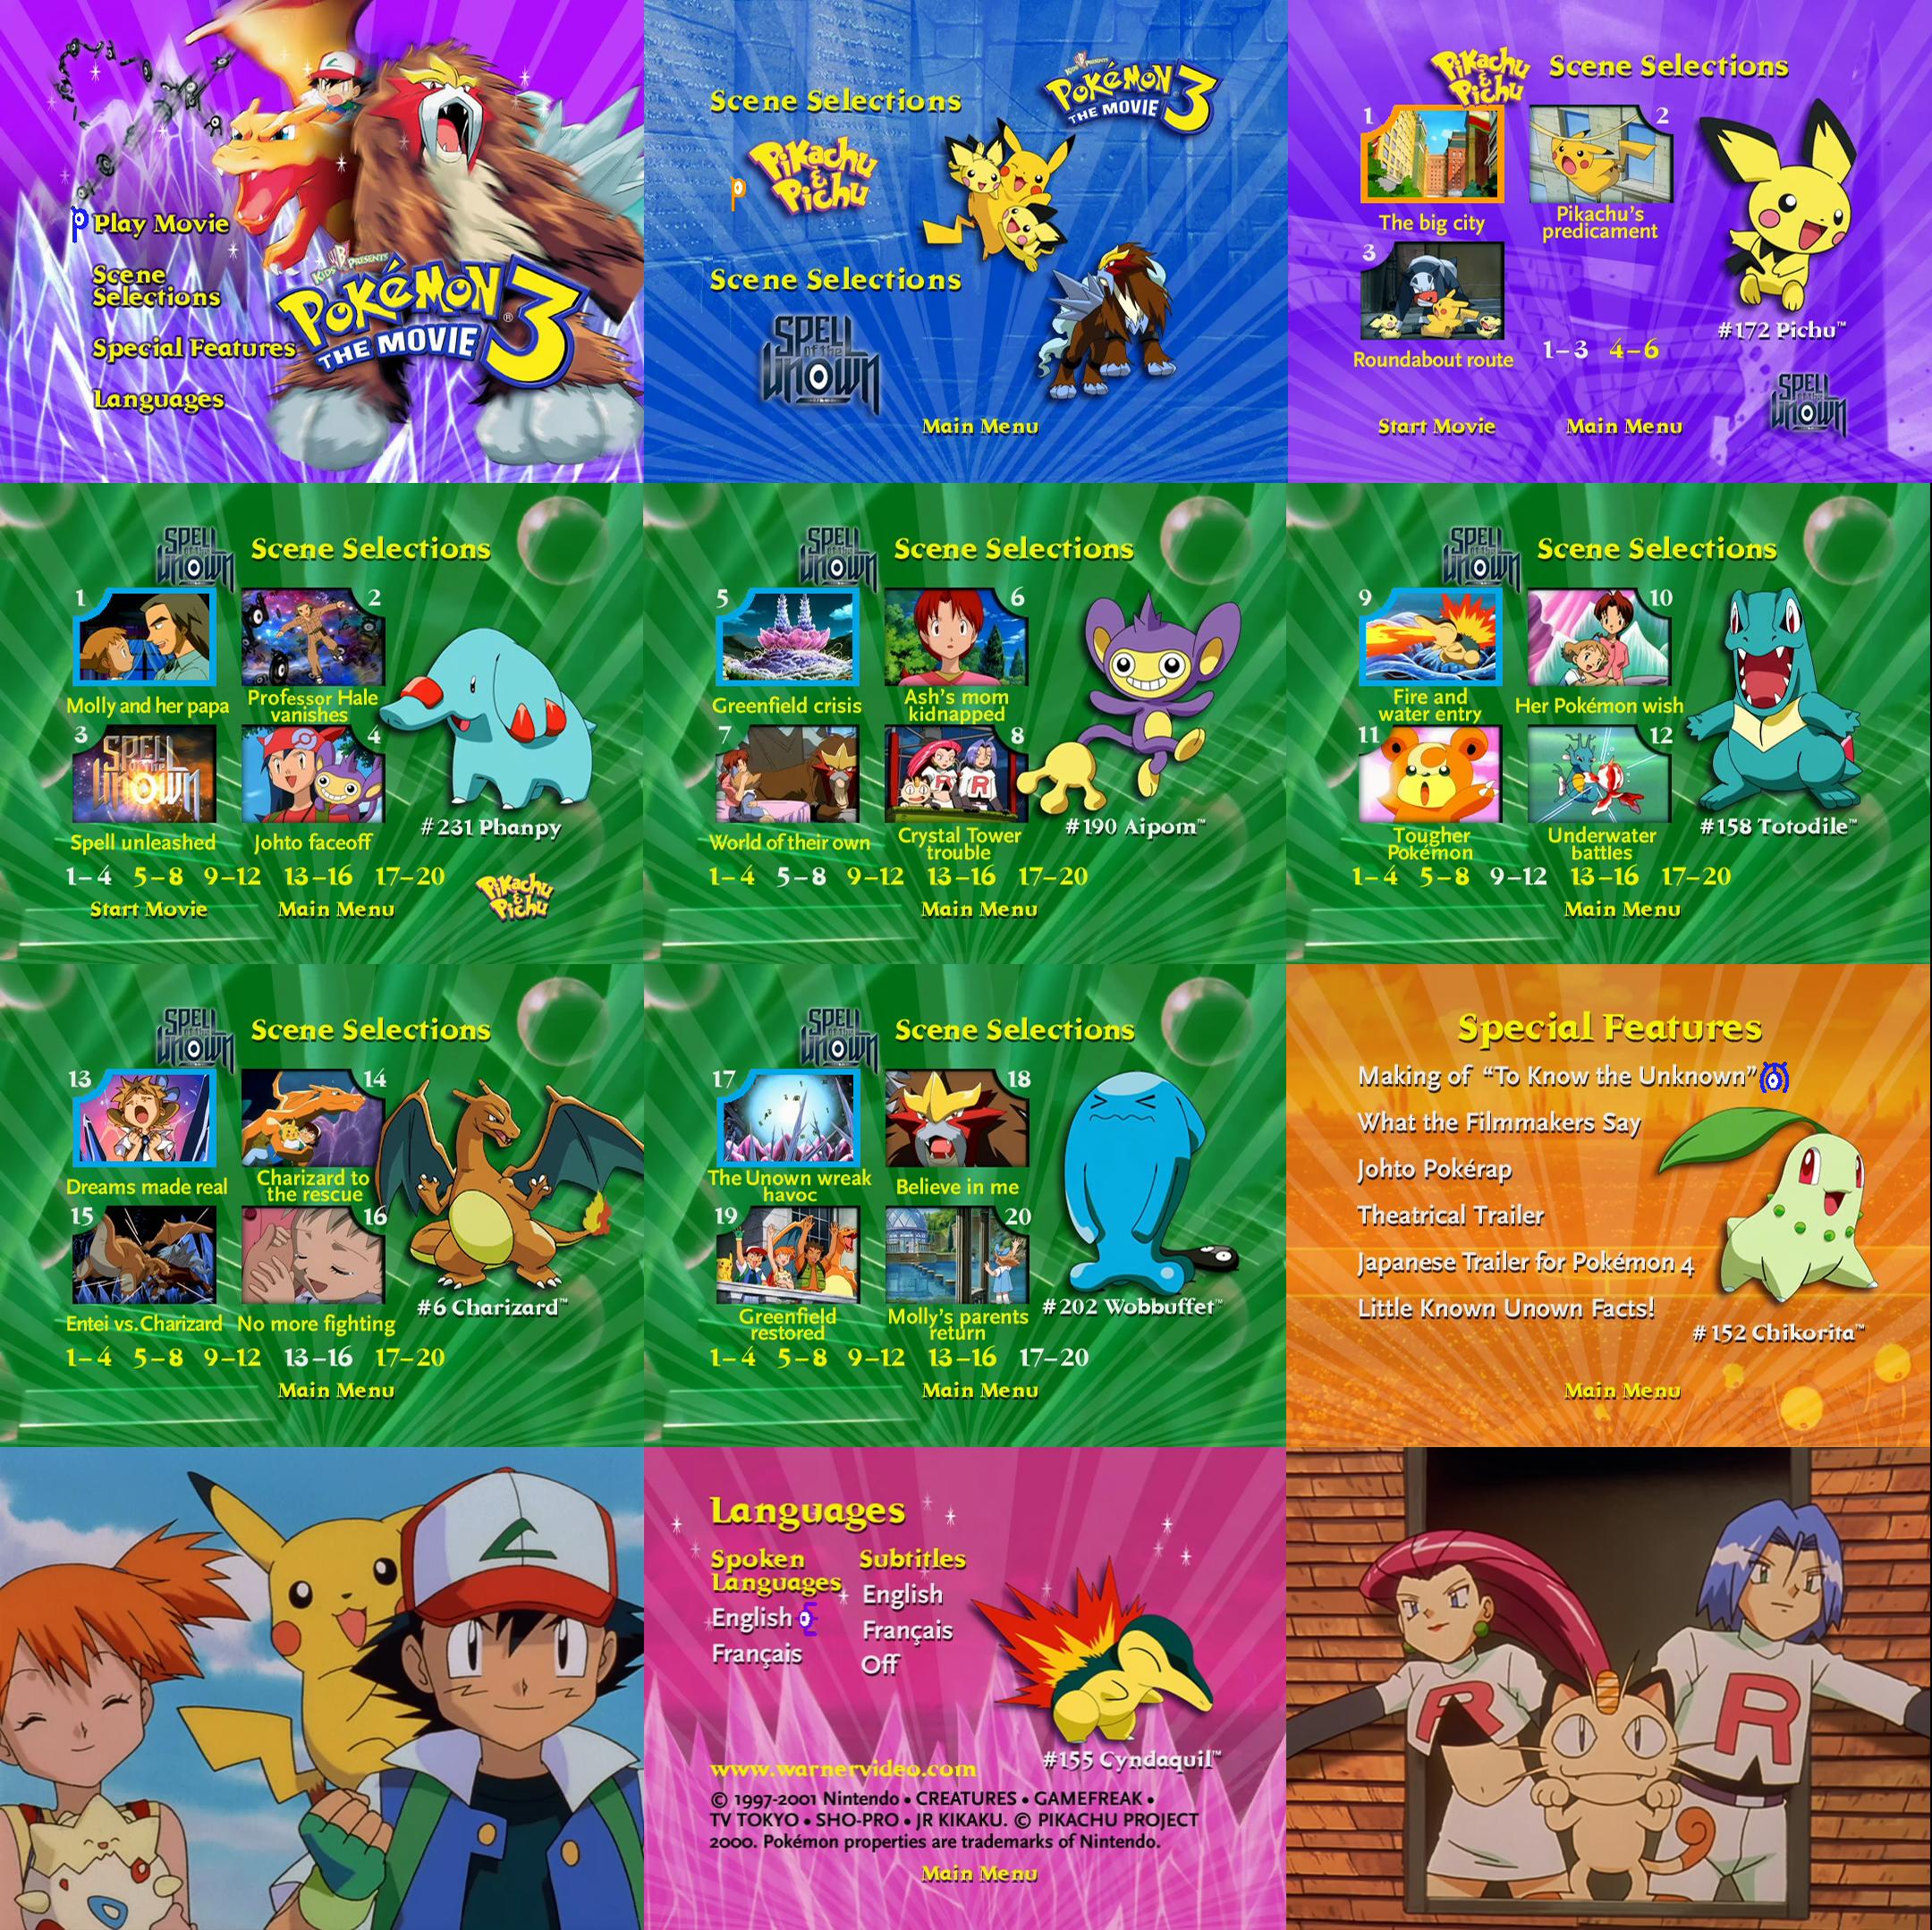 Pokemon The Movie 3 Dvd Menus By Dakotaatokad On Deviantart